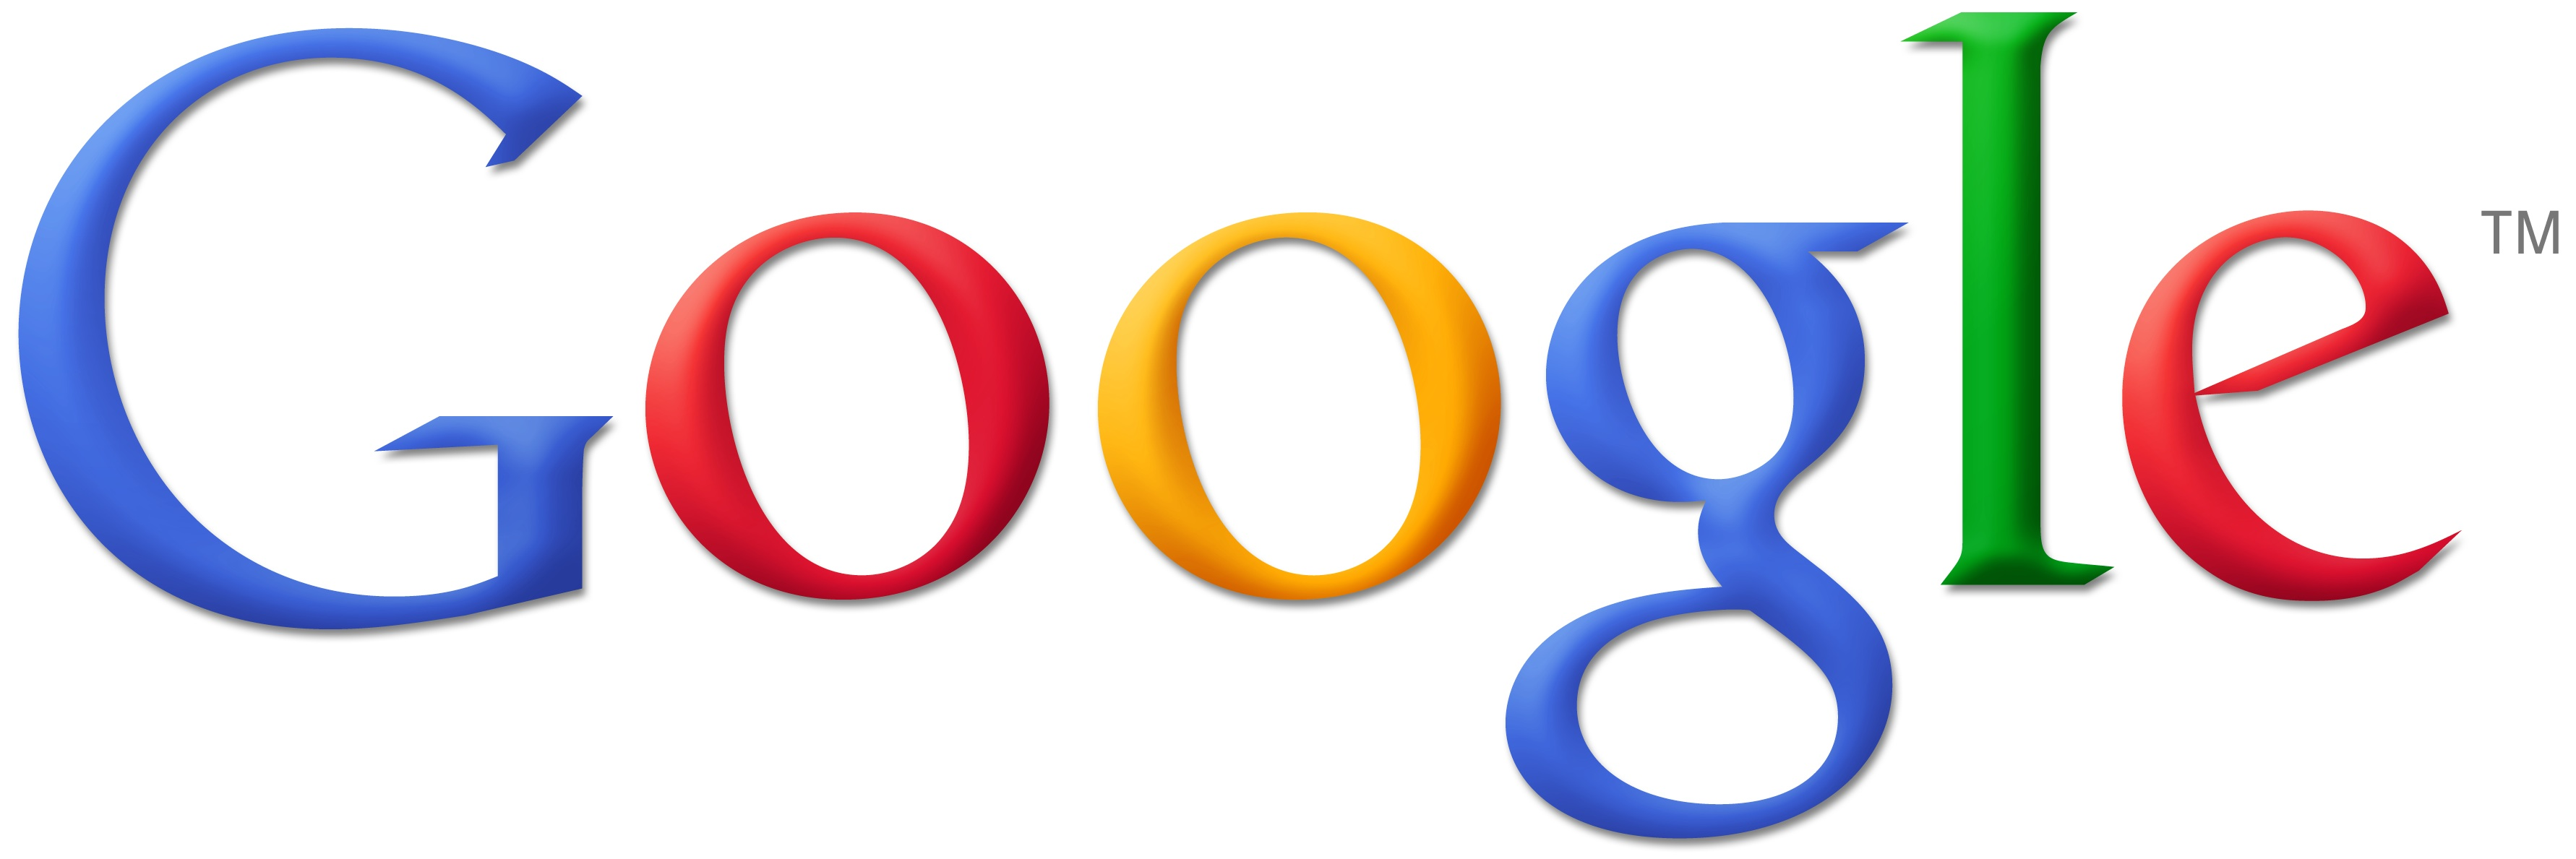 20130917-google_logo_3564x1189webusetm.jpg